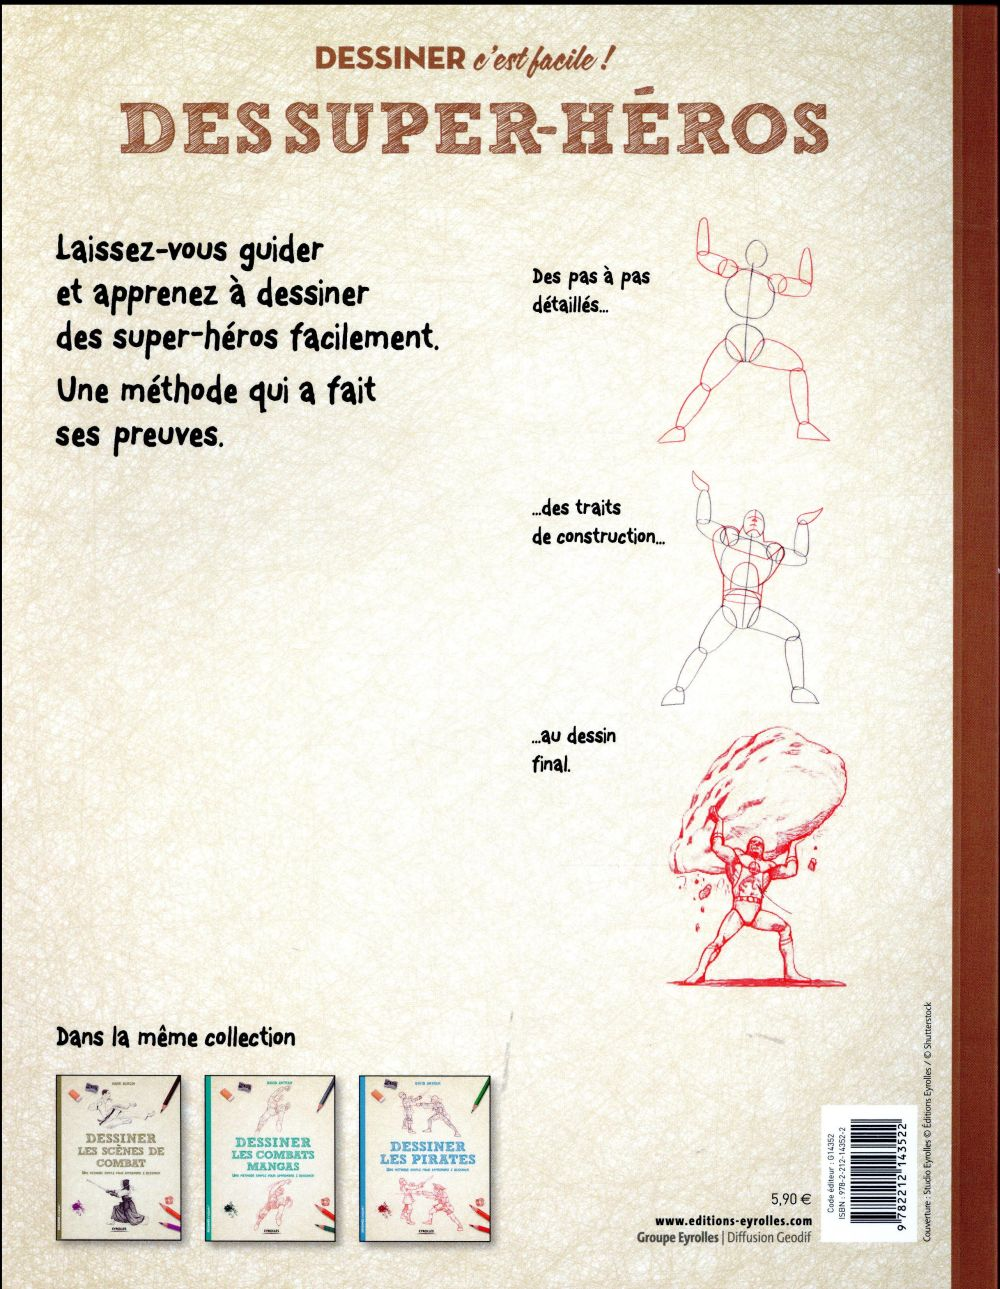 Dessiner des super-héros ; une méthode simple pour apprendre à dessiner